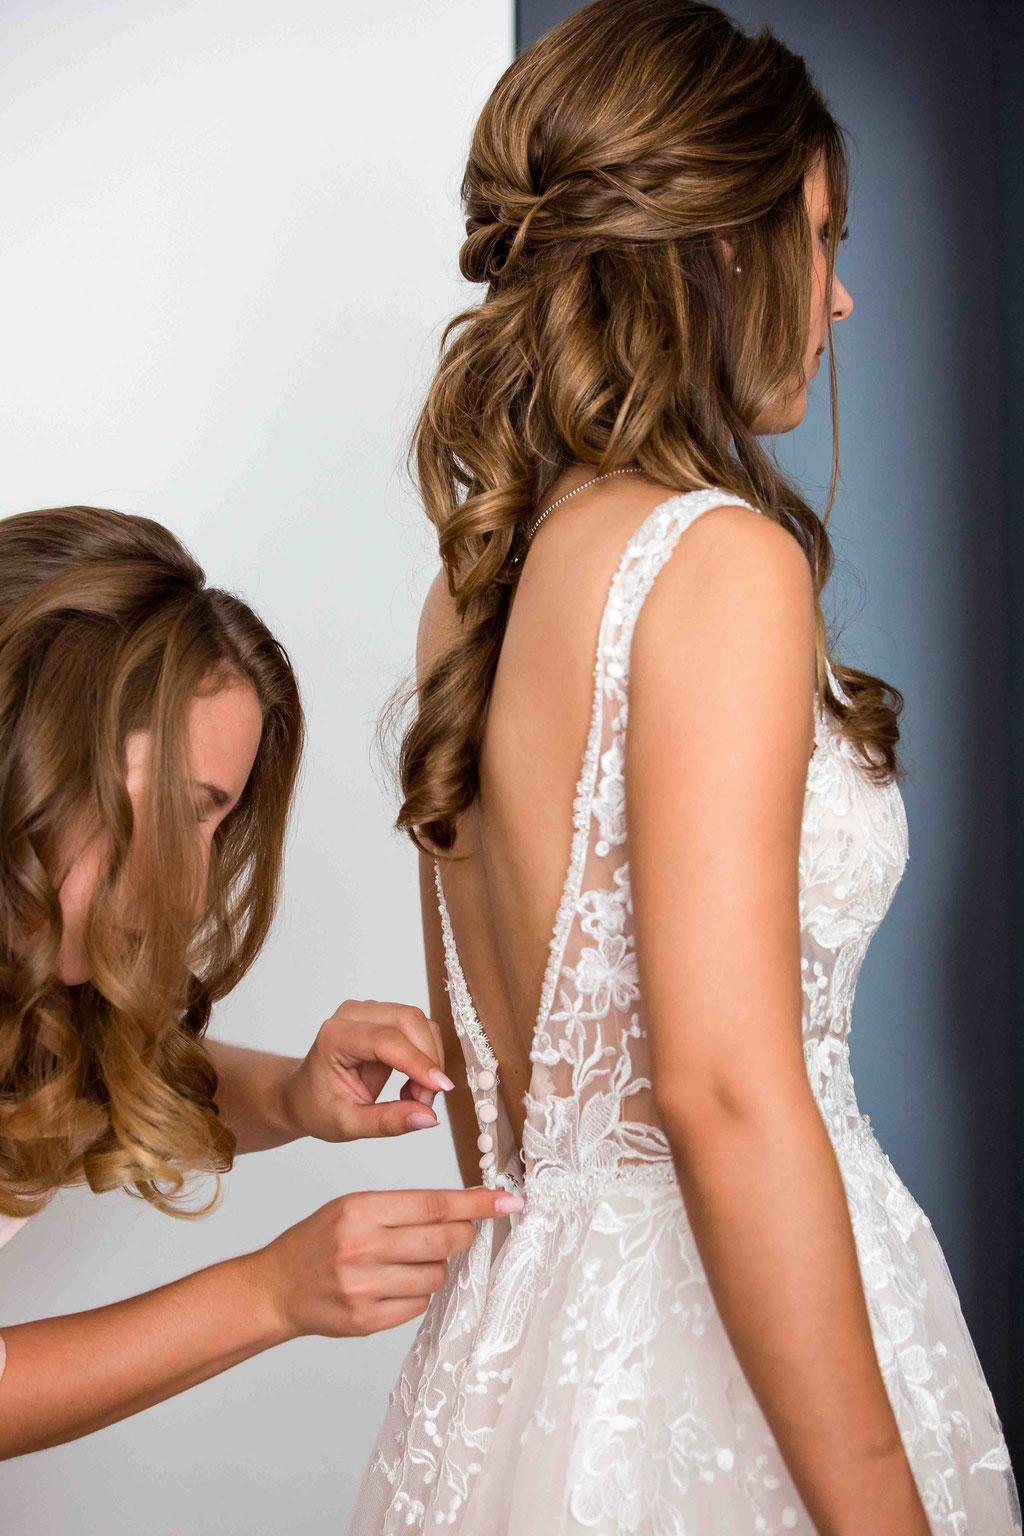 Hilfe beim Brautkleid anziehen durch Trauzeugin, Getting ready der Braut, Hochzeitstag Vorbereitungen